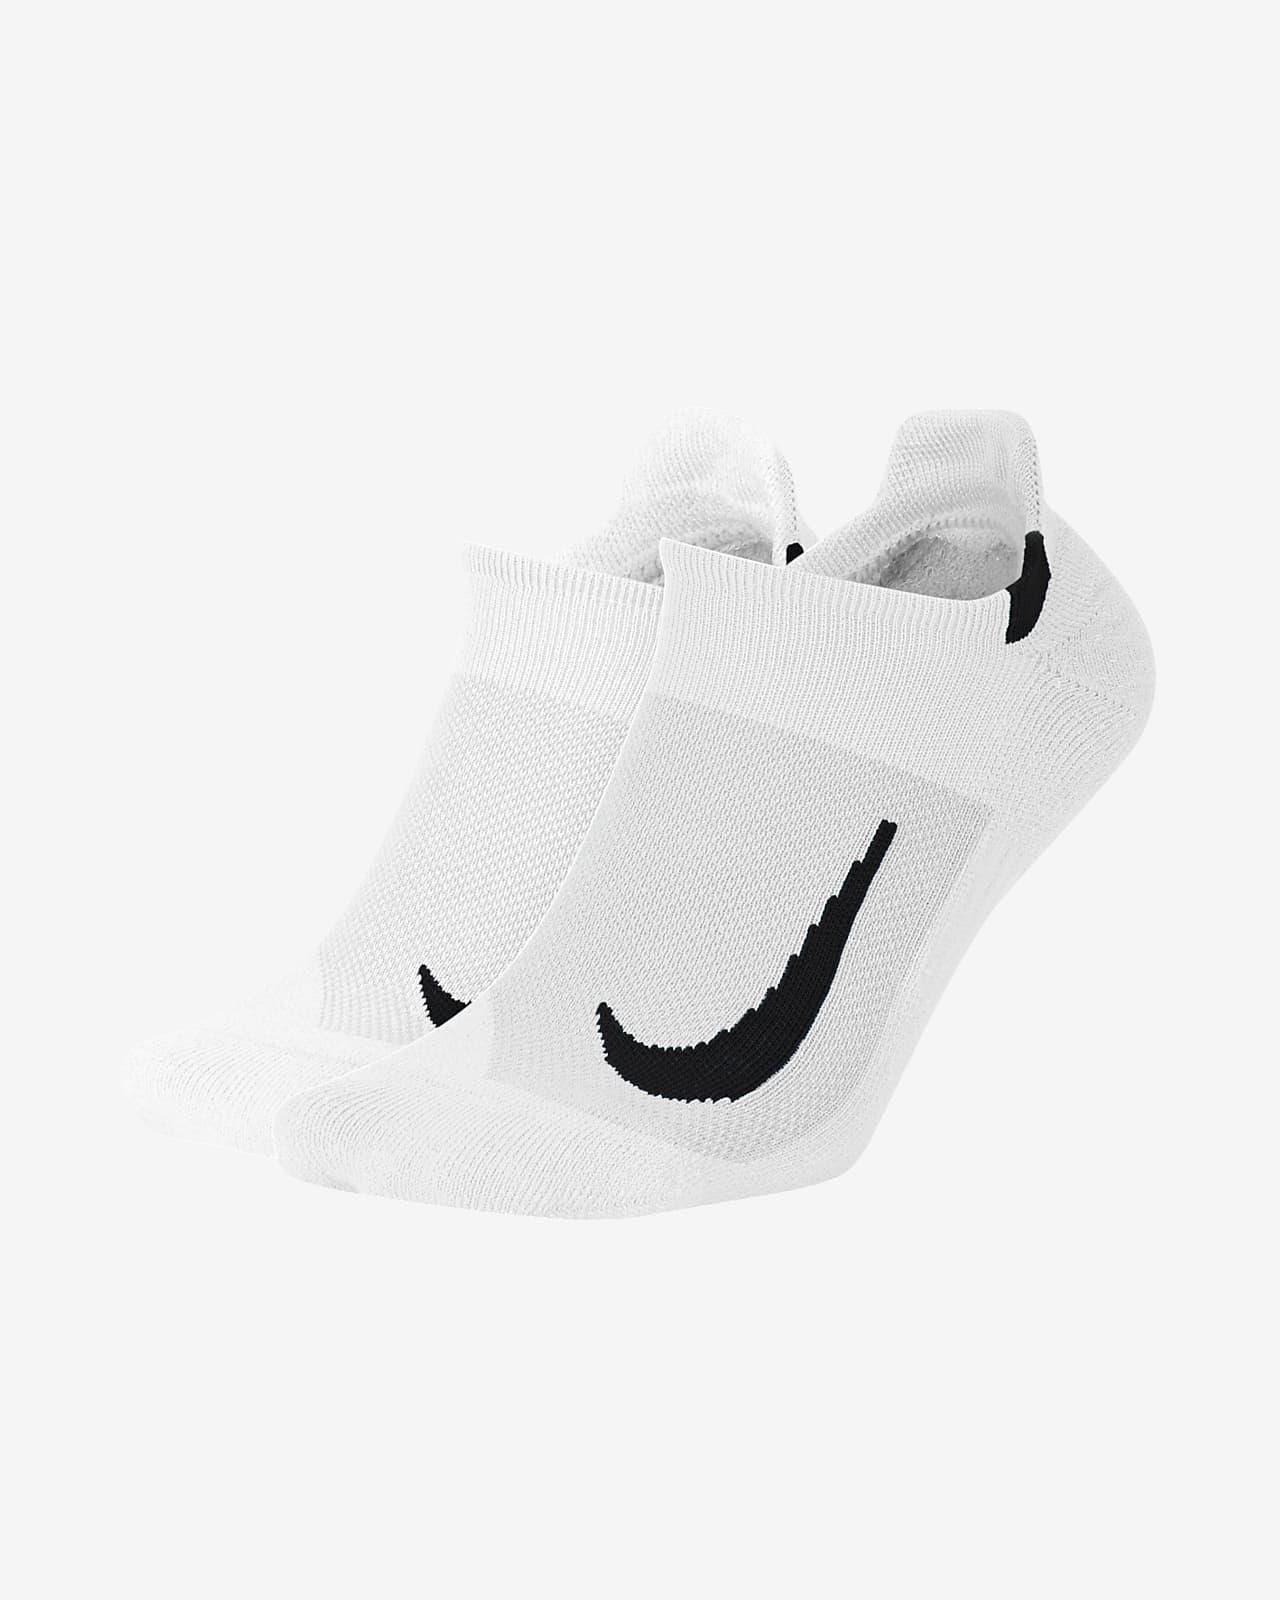 Χαμηλές κάλτσες για τρέξιμο Nike Multiplier (δύο ζευγάρια)